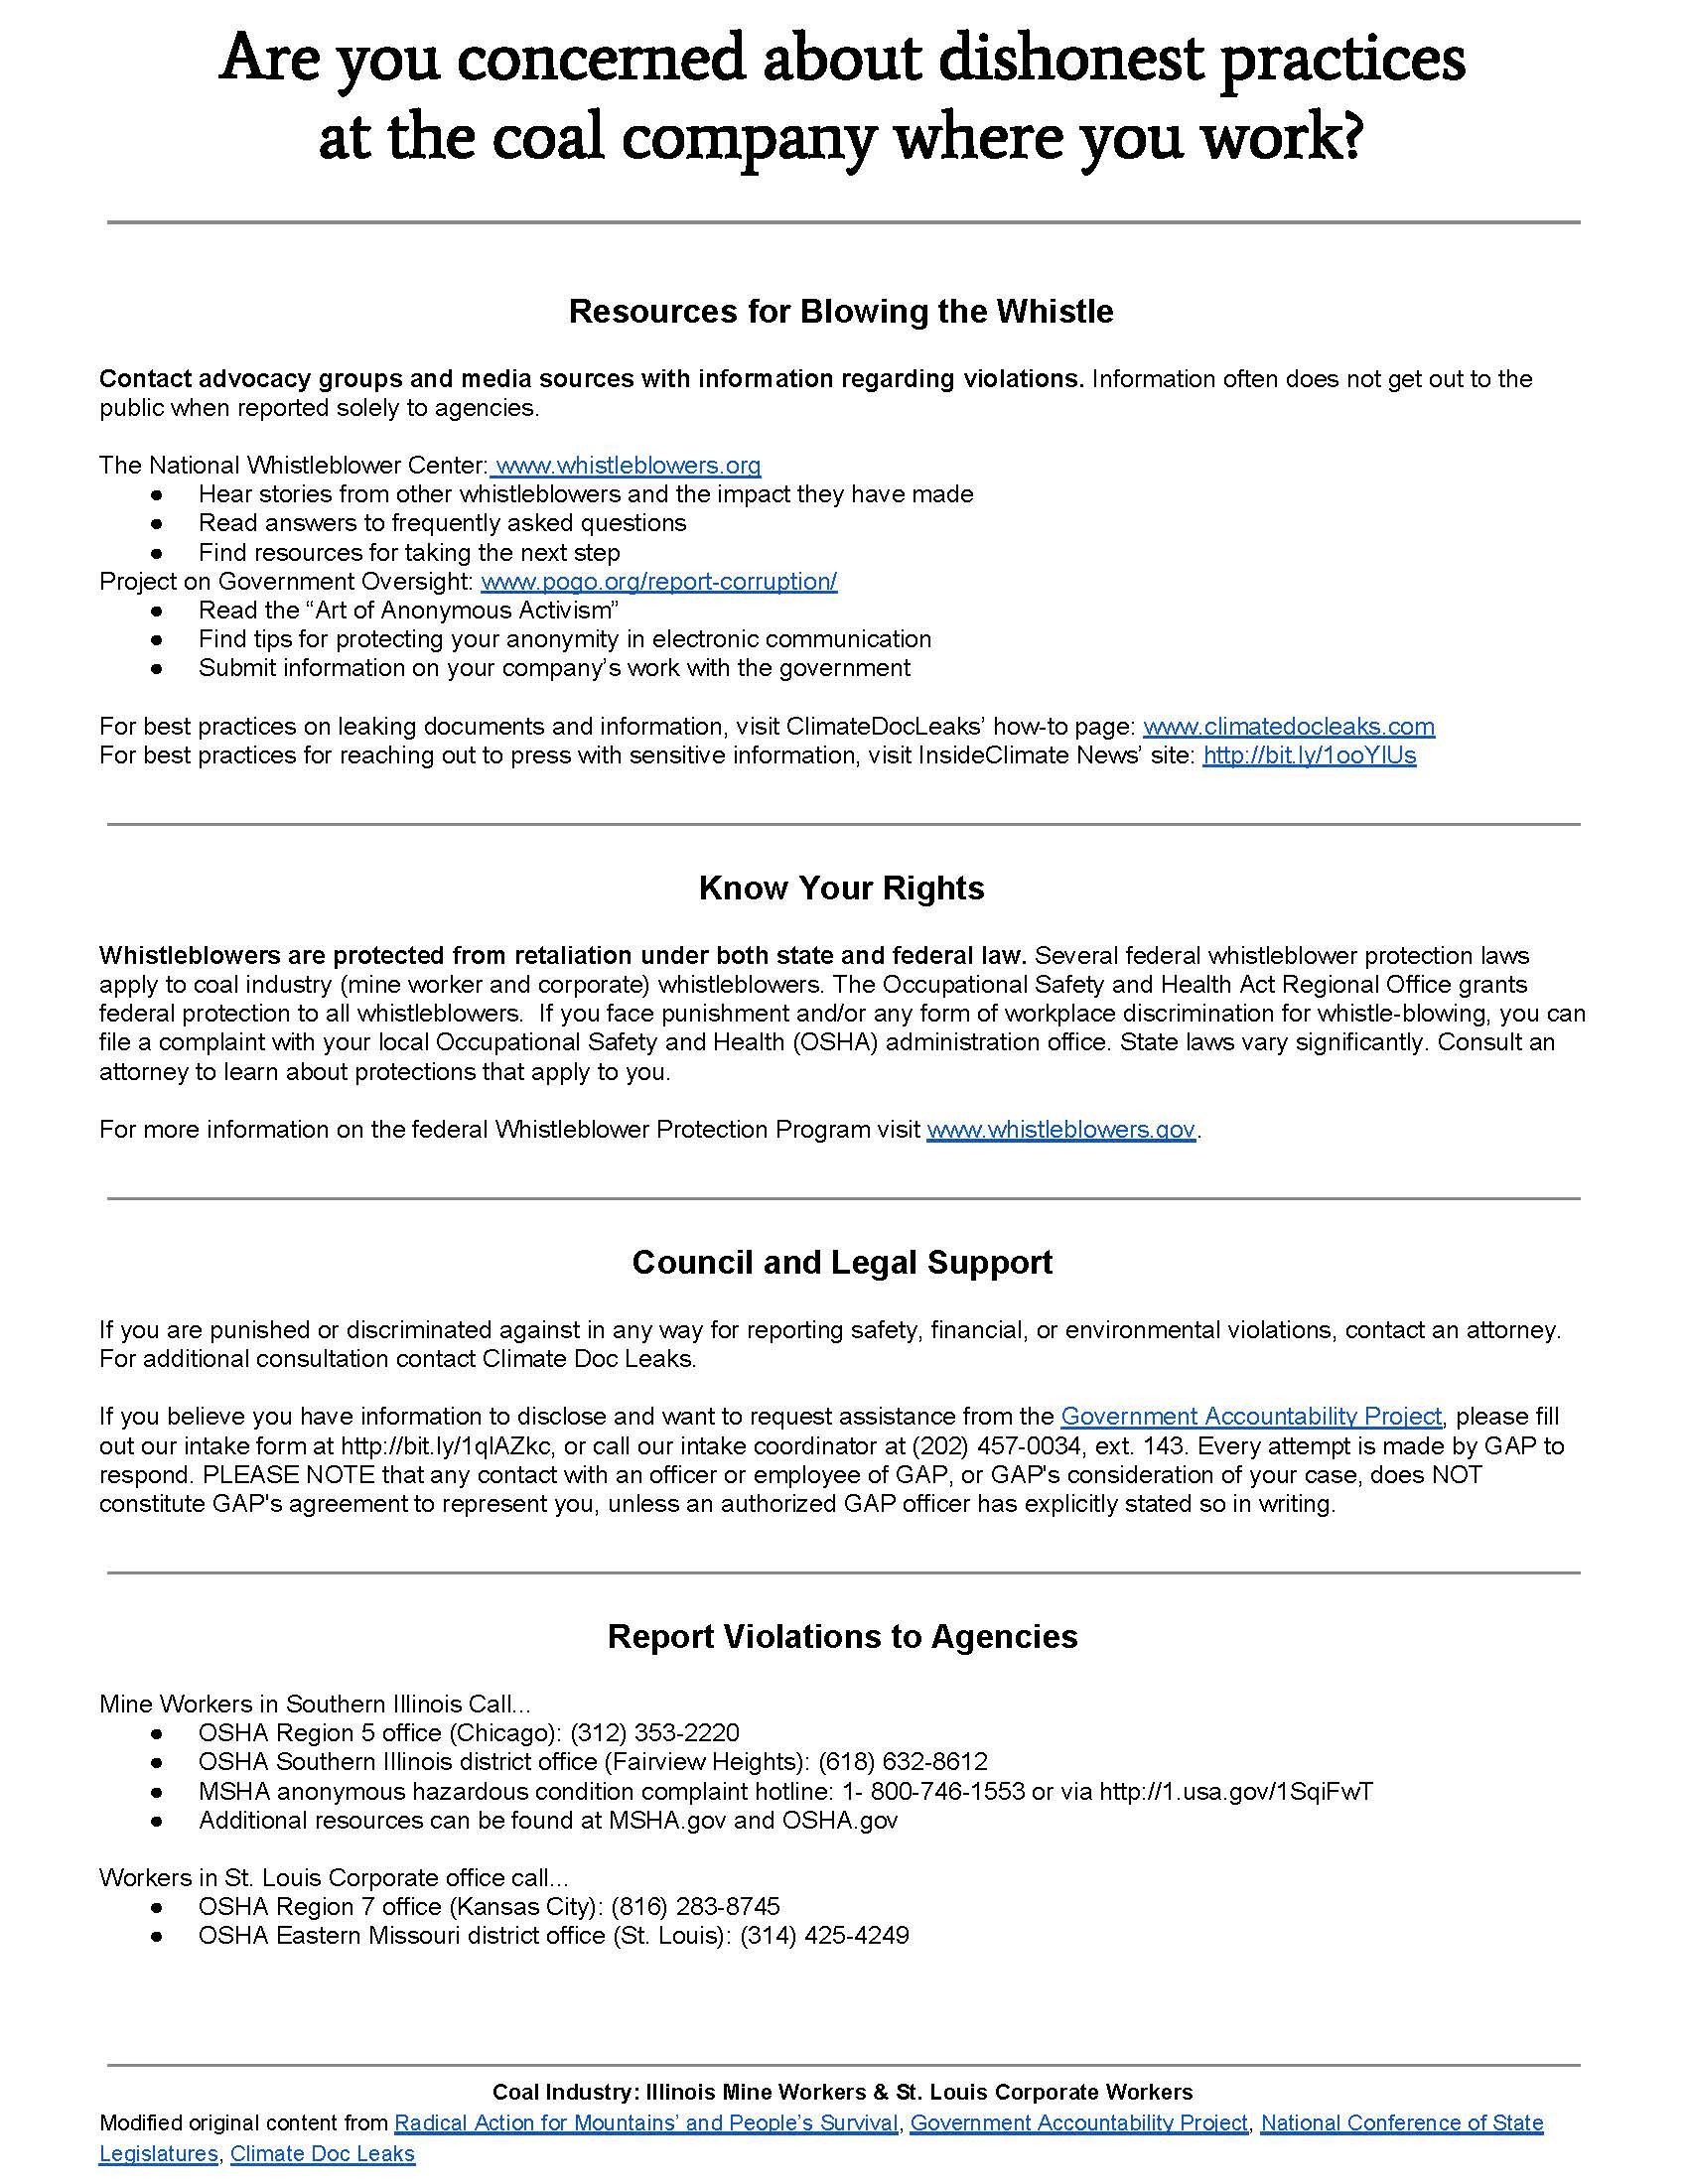 HowtoWhistleblowCoalIndustry(1)_Page_2.jpg